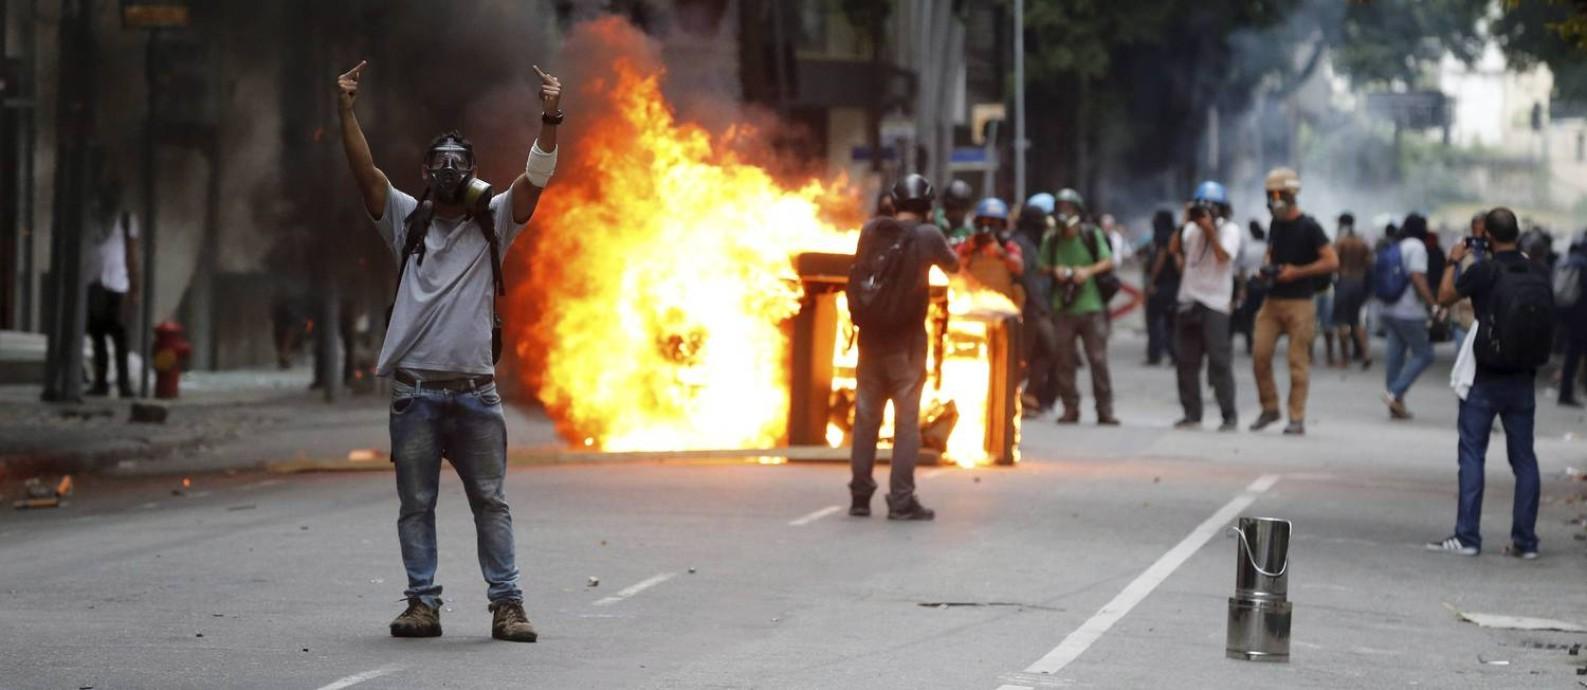 Protesto contra a privatização da Cedae termina em violência no Rio Foto: Domingos Peixoto / Agência O Globo